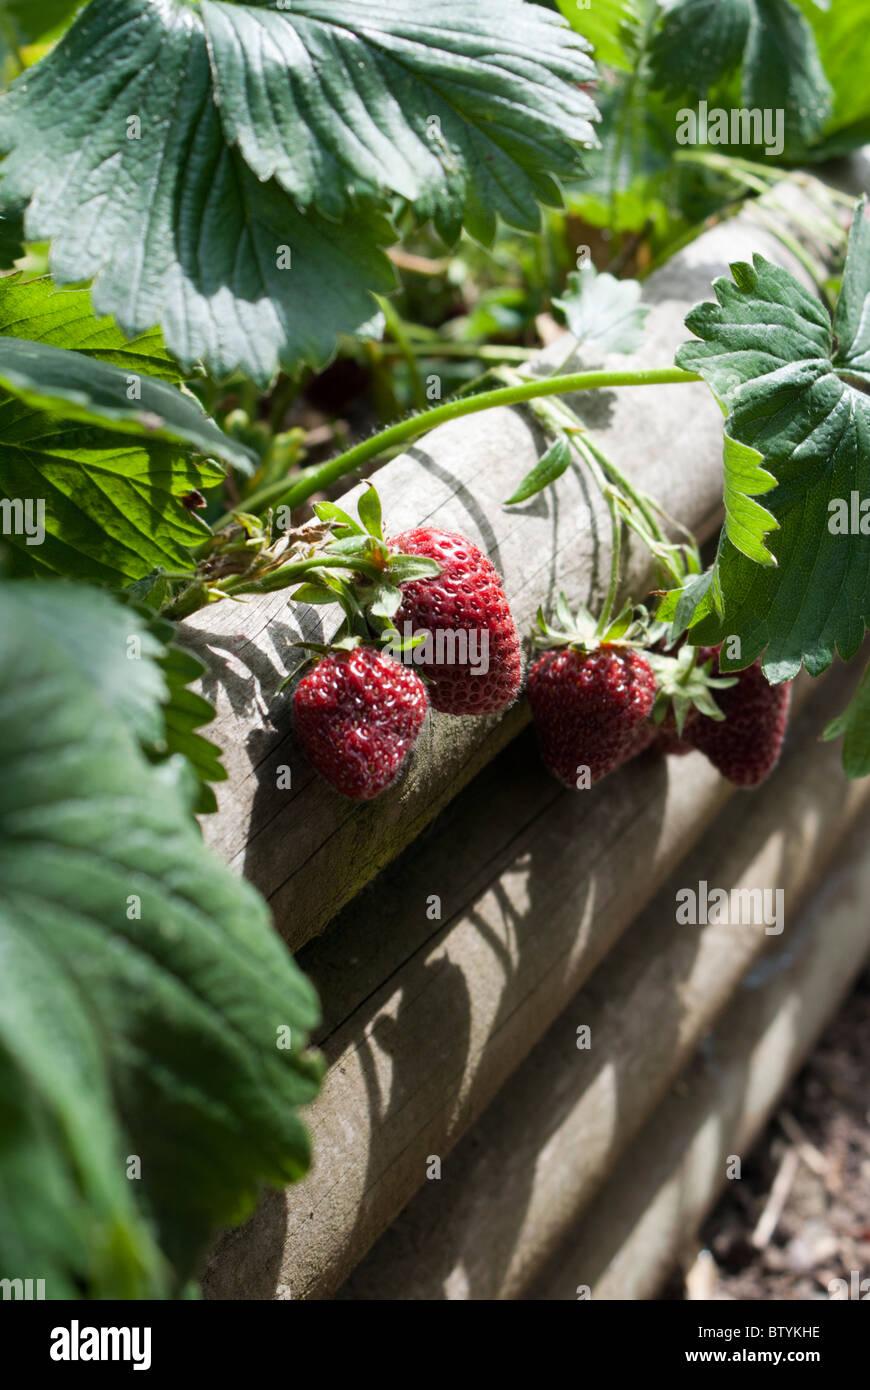 Erdbeeren Wachsen In Einem Hochbeet Stockfoto Bild 32570202 Alamy